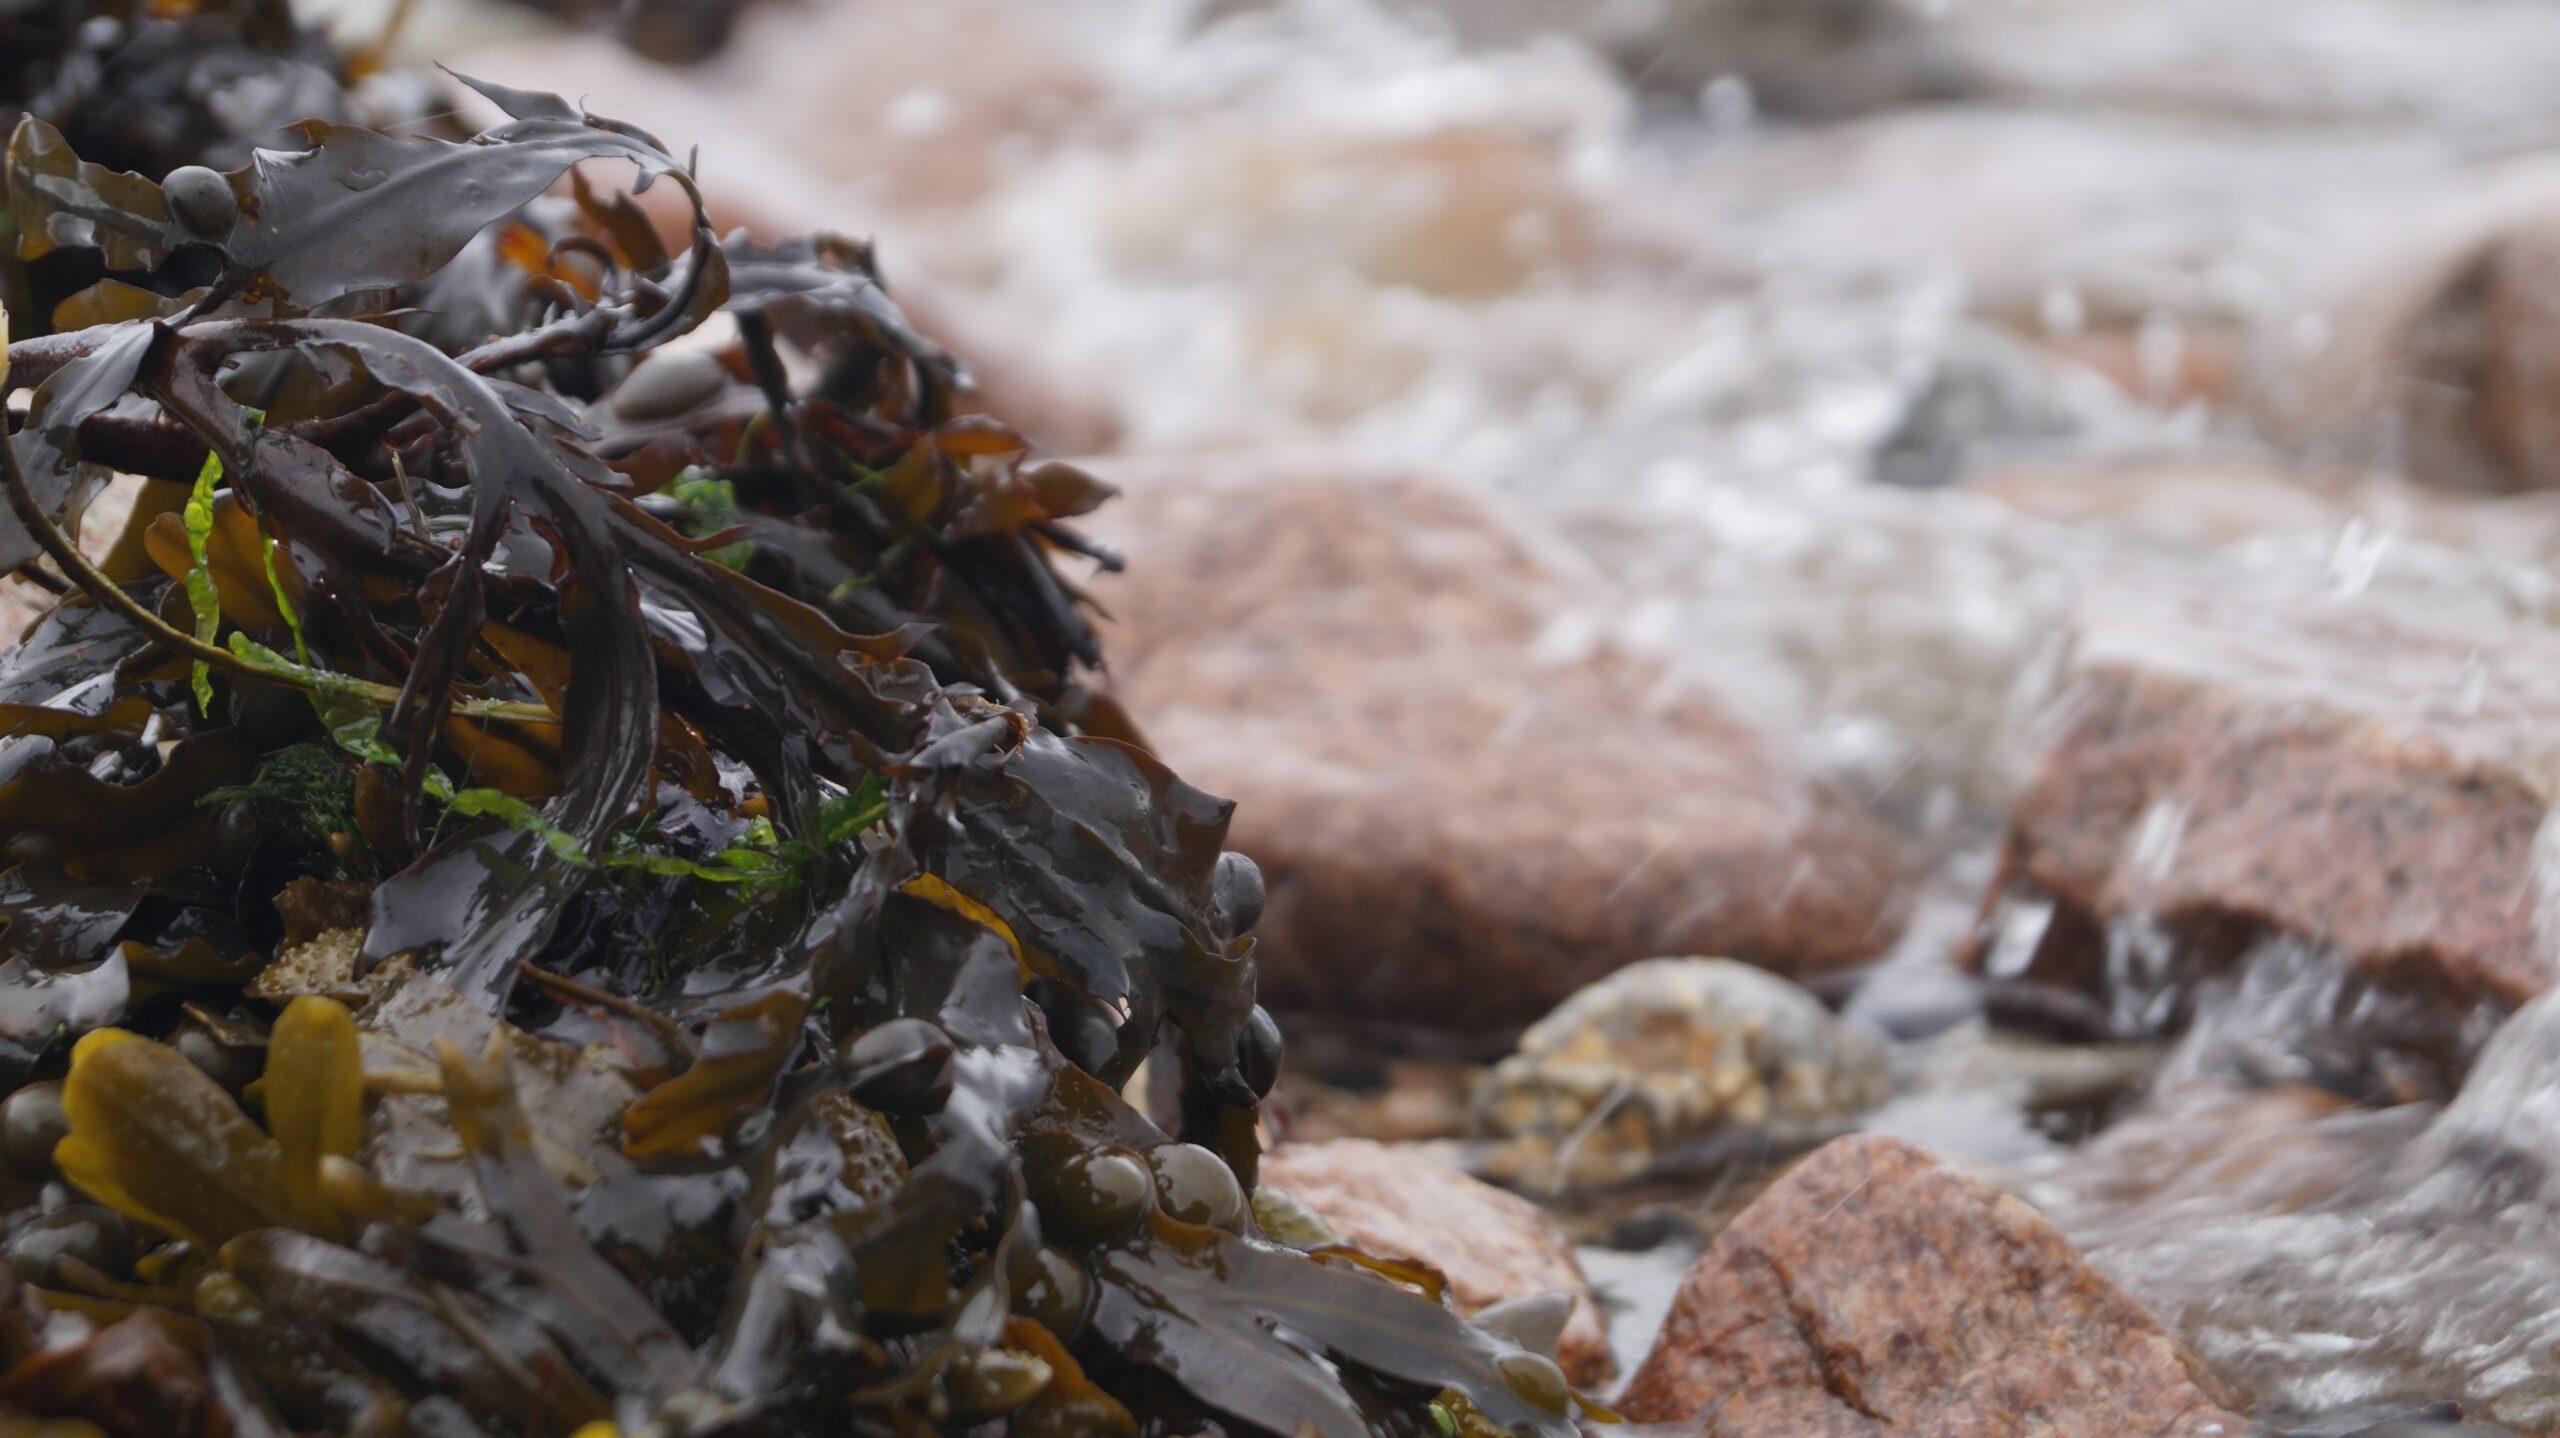 Marine Bioeconomy: Free Ideation to Market Coaching Service